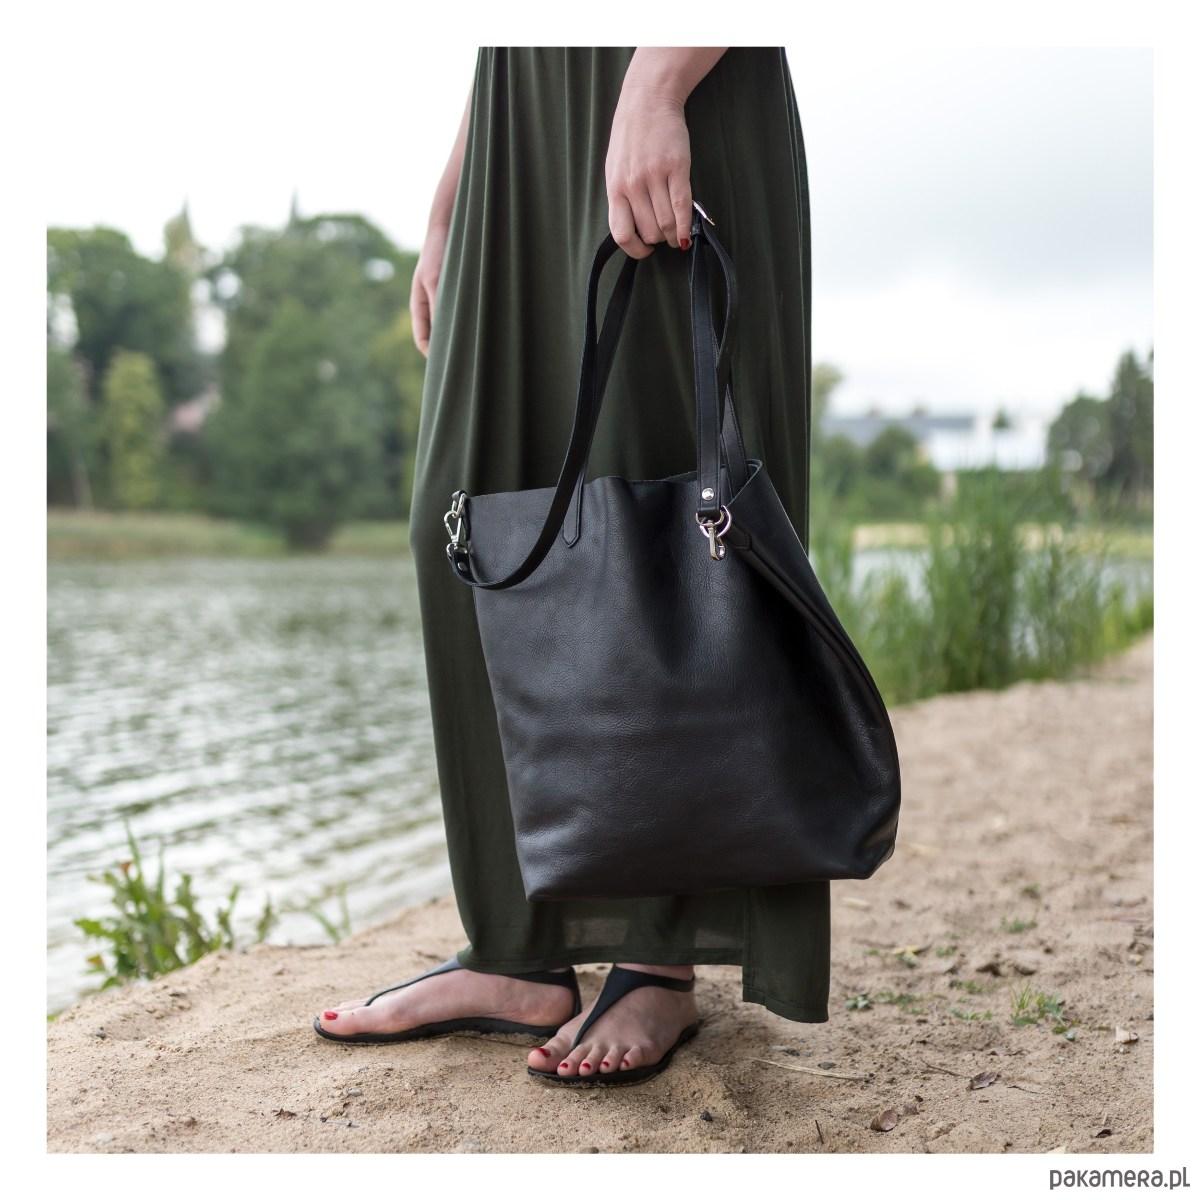 b8c4c11b676b3 Sofija - duża skórzana torba z długim paskiem - torby na ramię - damskie -  Pakamera.pl